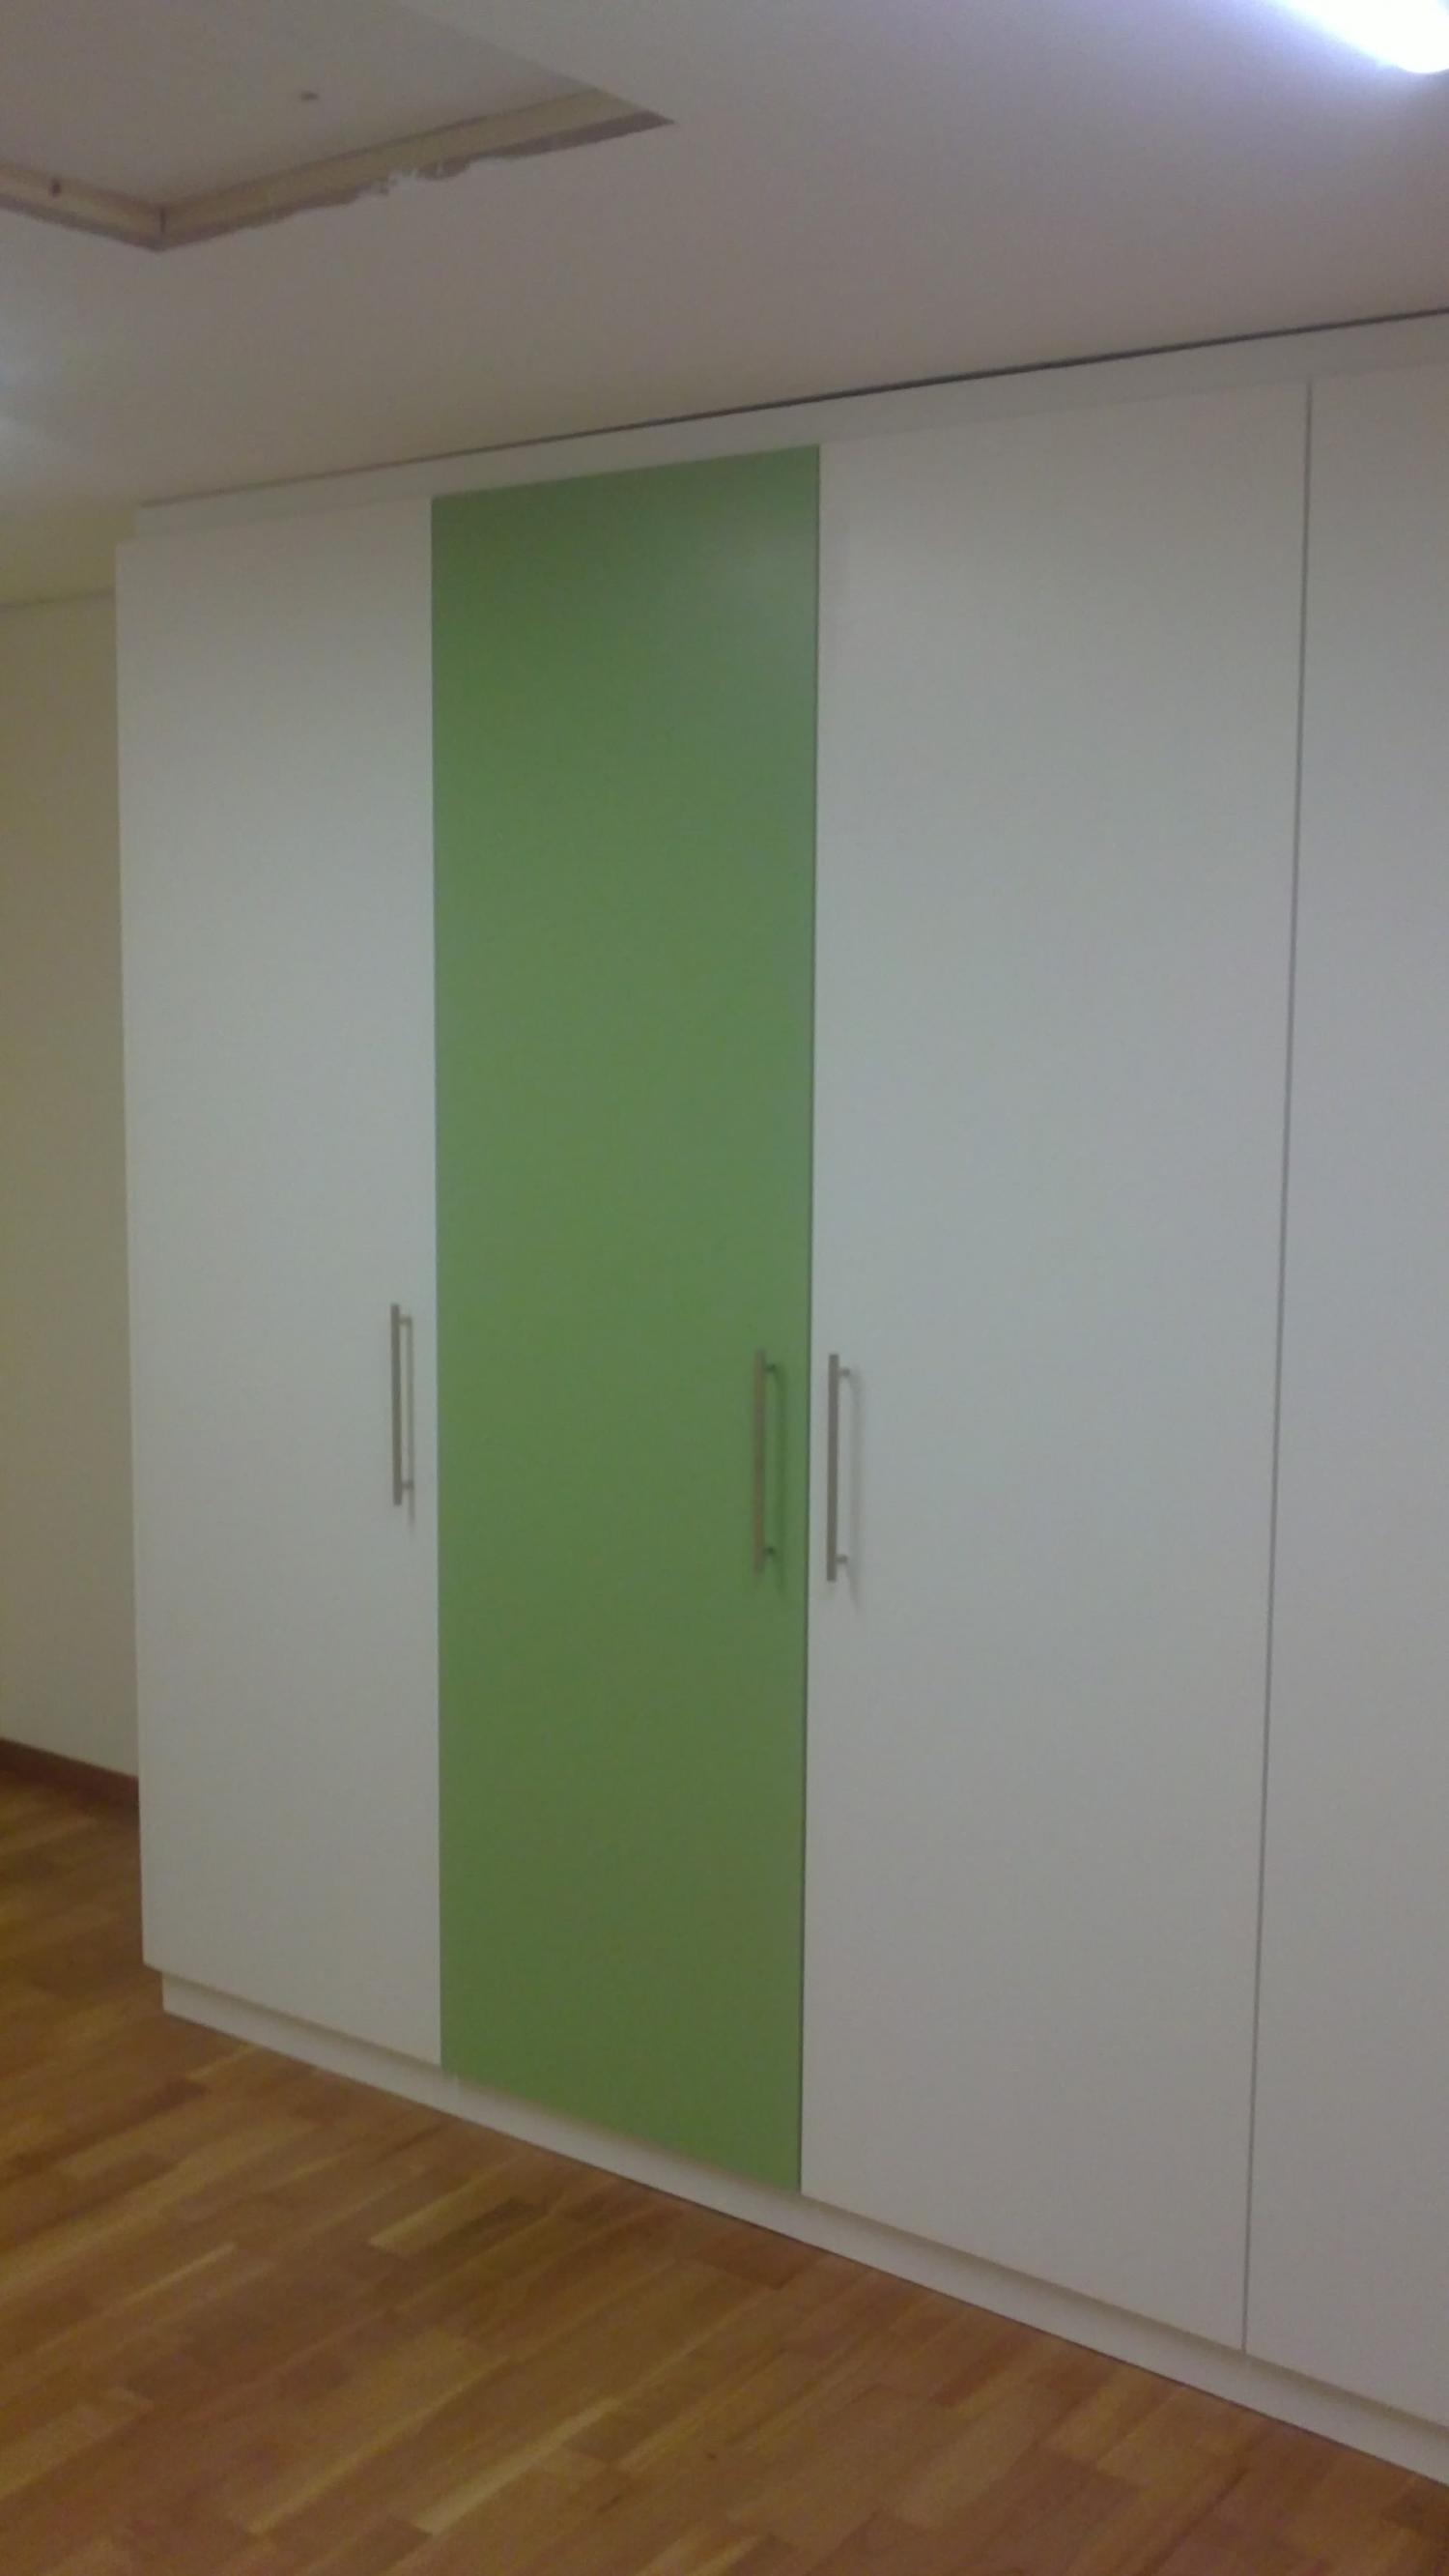 Türen Für Einbauschrank einbauschränke